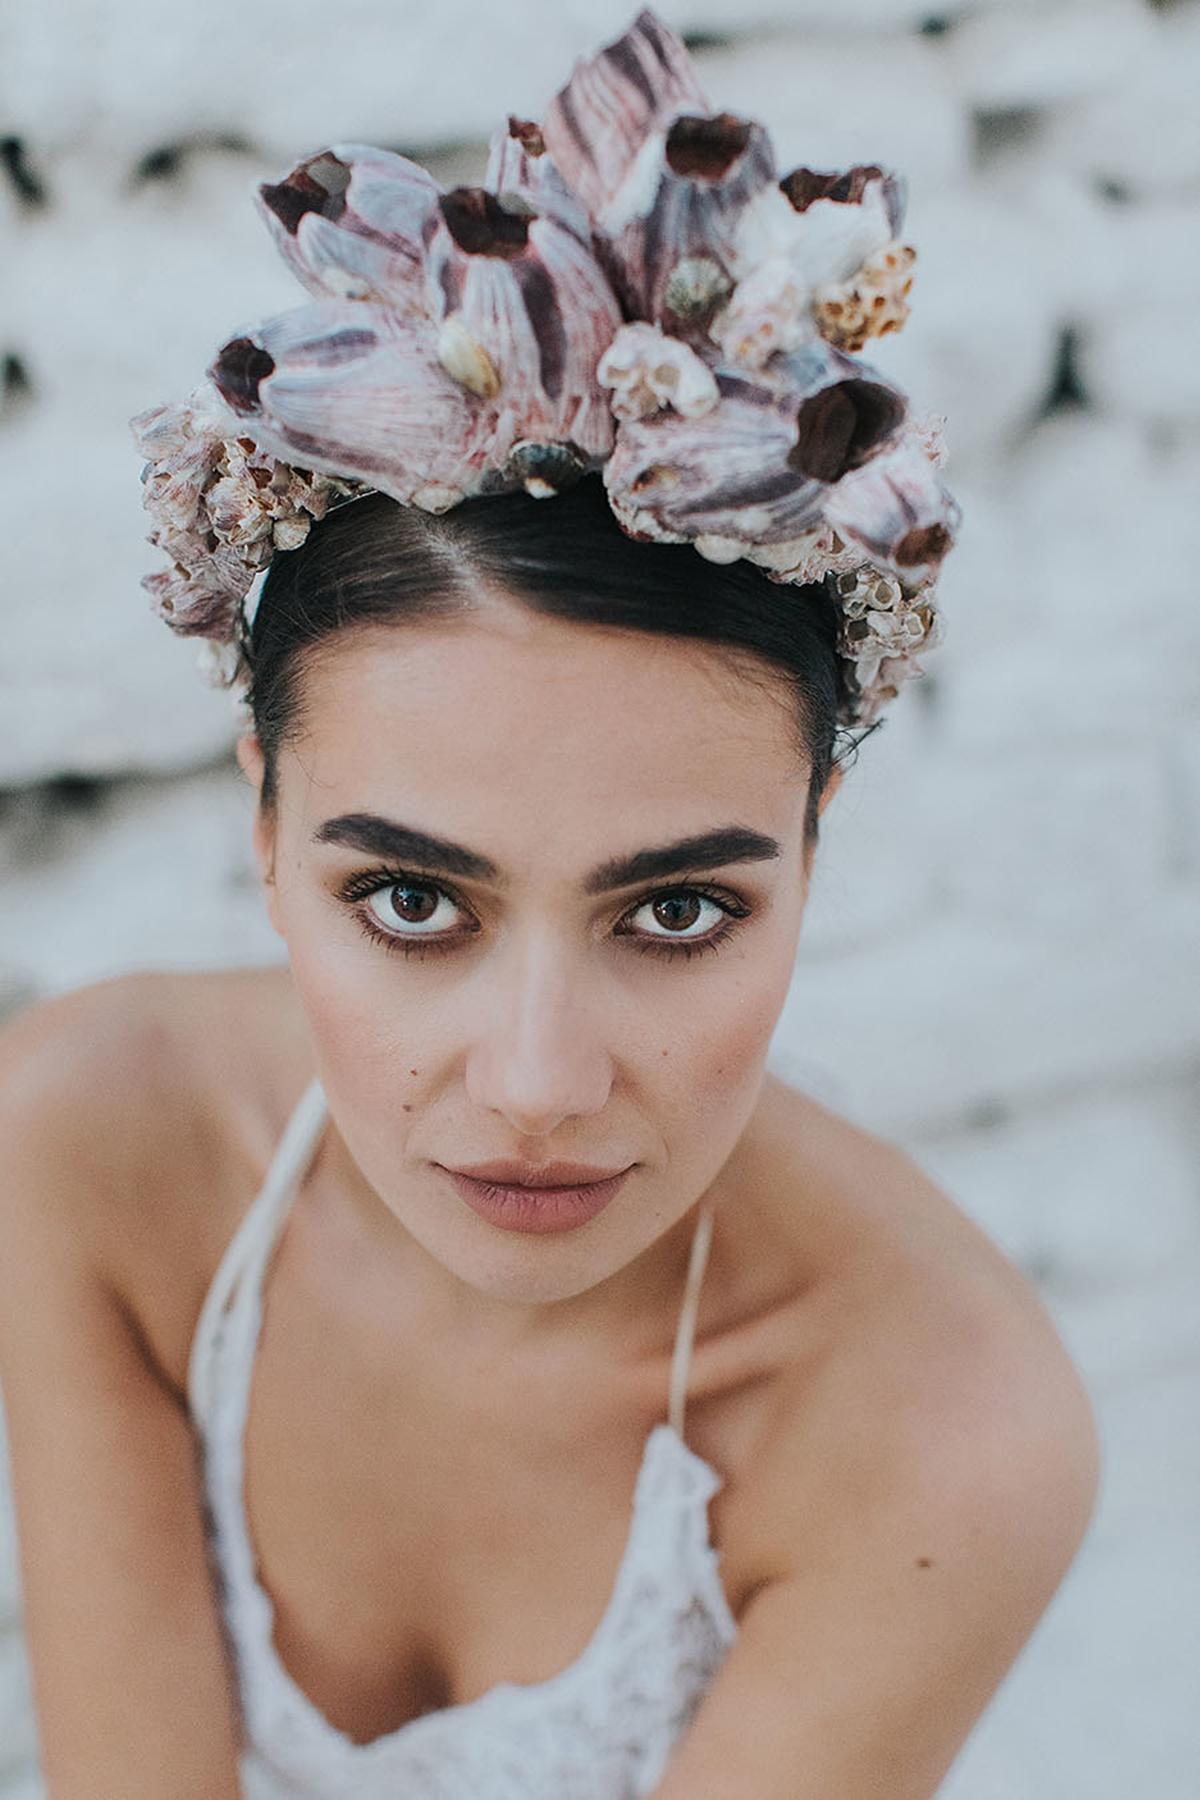 Bridal fashion shoot in Mykonos with Vasia Tzotzopoulou wedding dress